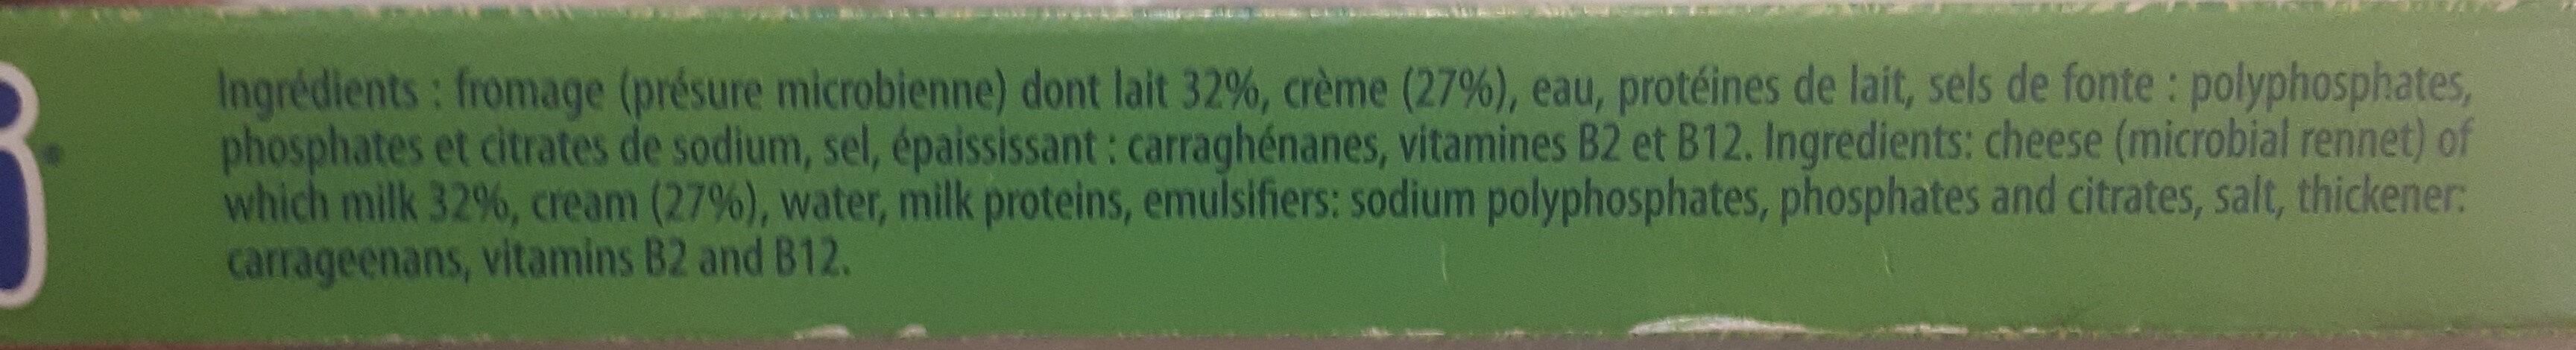 Fromage à la crème de lait - Ingrédients - fr